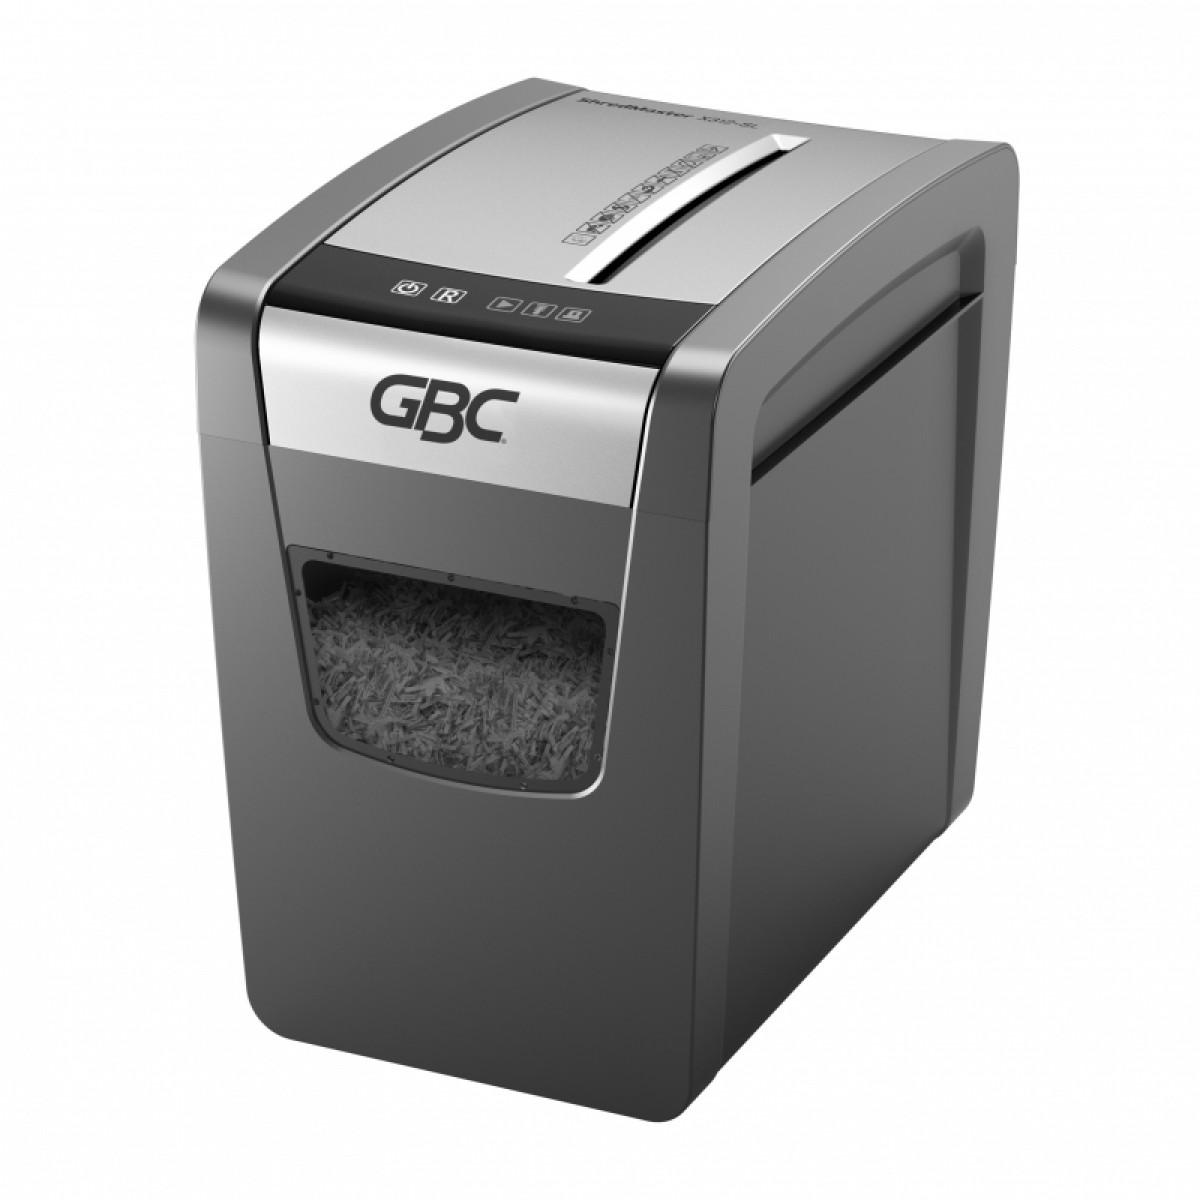 GBC X312-SL EXECUTIVE SHREDDER